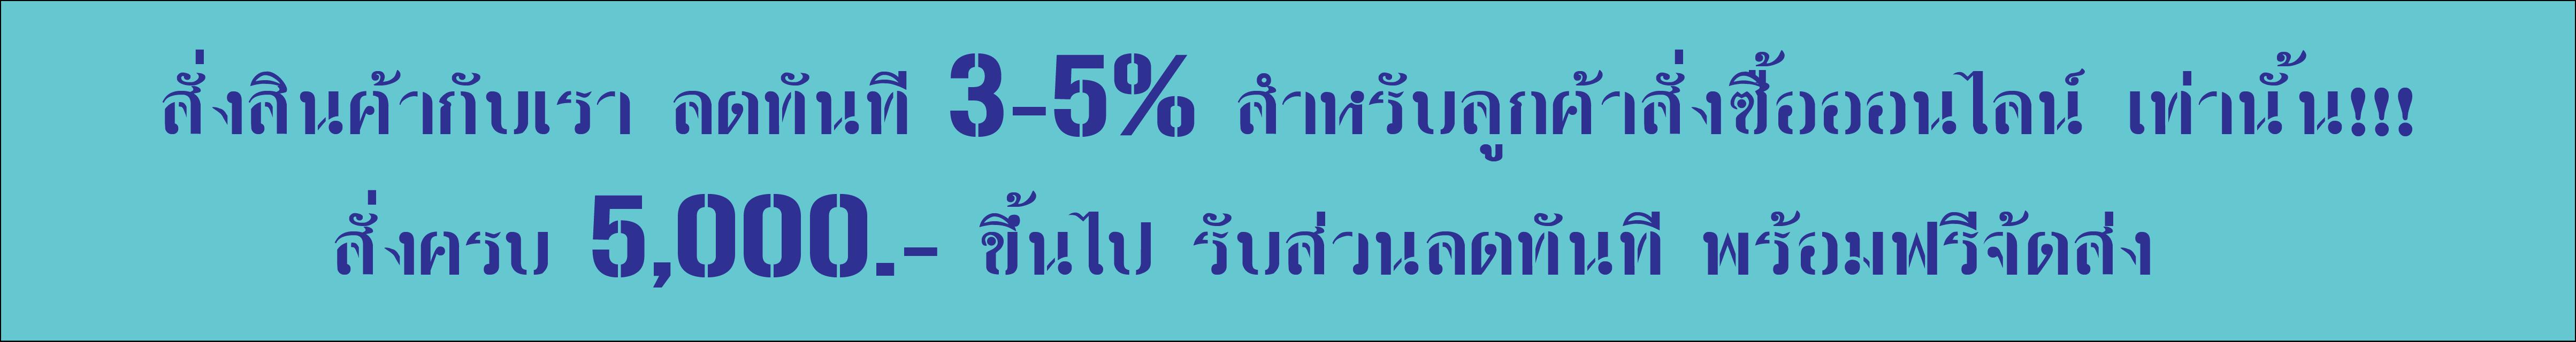 สั่งซื้อออนไลน์ ลด3-5%